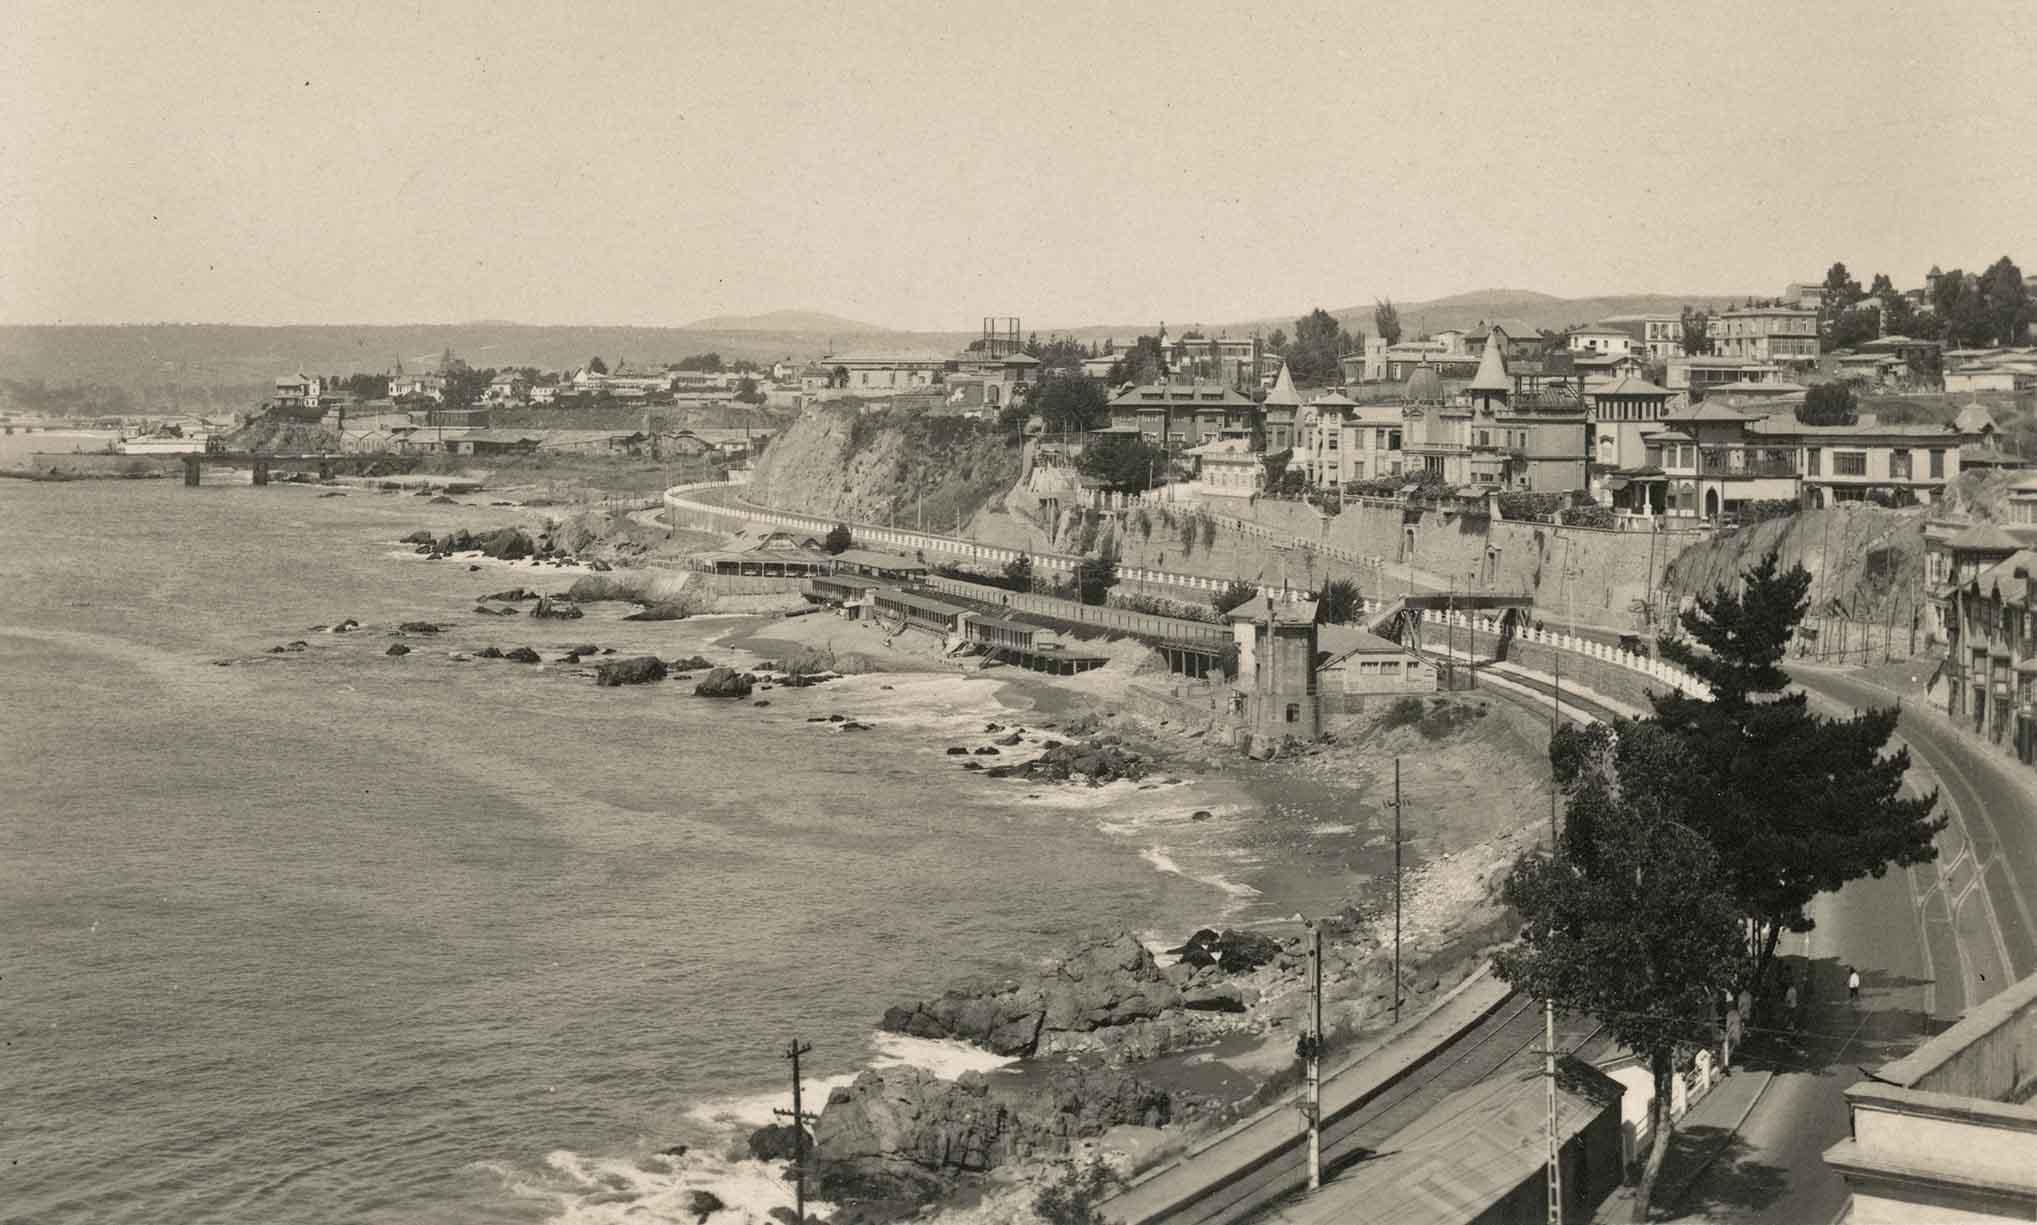 Enterreno - Fotos históricas de chile - fotos antiguas de Chile - Recreo en 1924